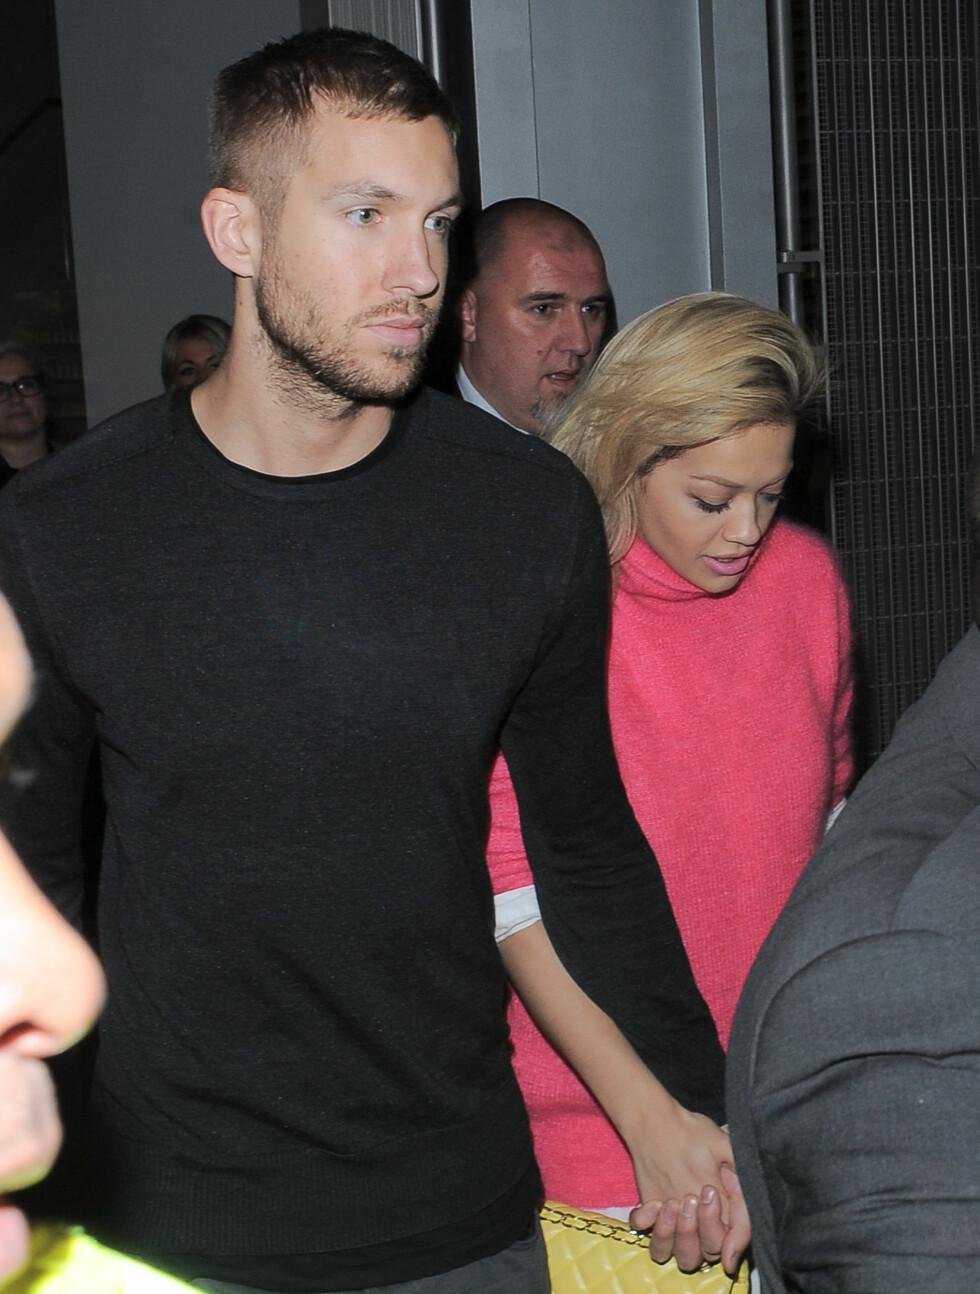 FRAVÆRENDE: Ryktene ville ha det til at også Rita Ora hadde fått Cannes-invitasjon av Leonardo DiCaprio. Hun var ingen steder å se på den røde løperen under åpningsfesten. Tidligere denne uken ble hun derimot fotografert hånd i hånd med dj Calvi Foto: All Over Press